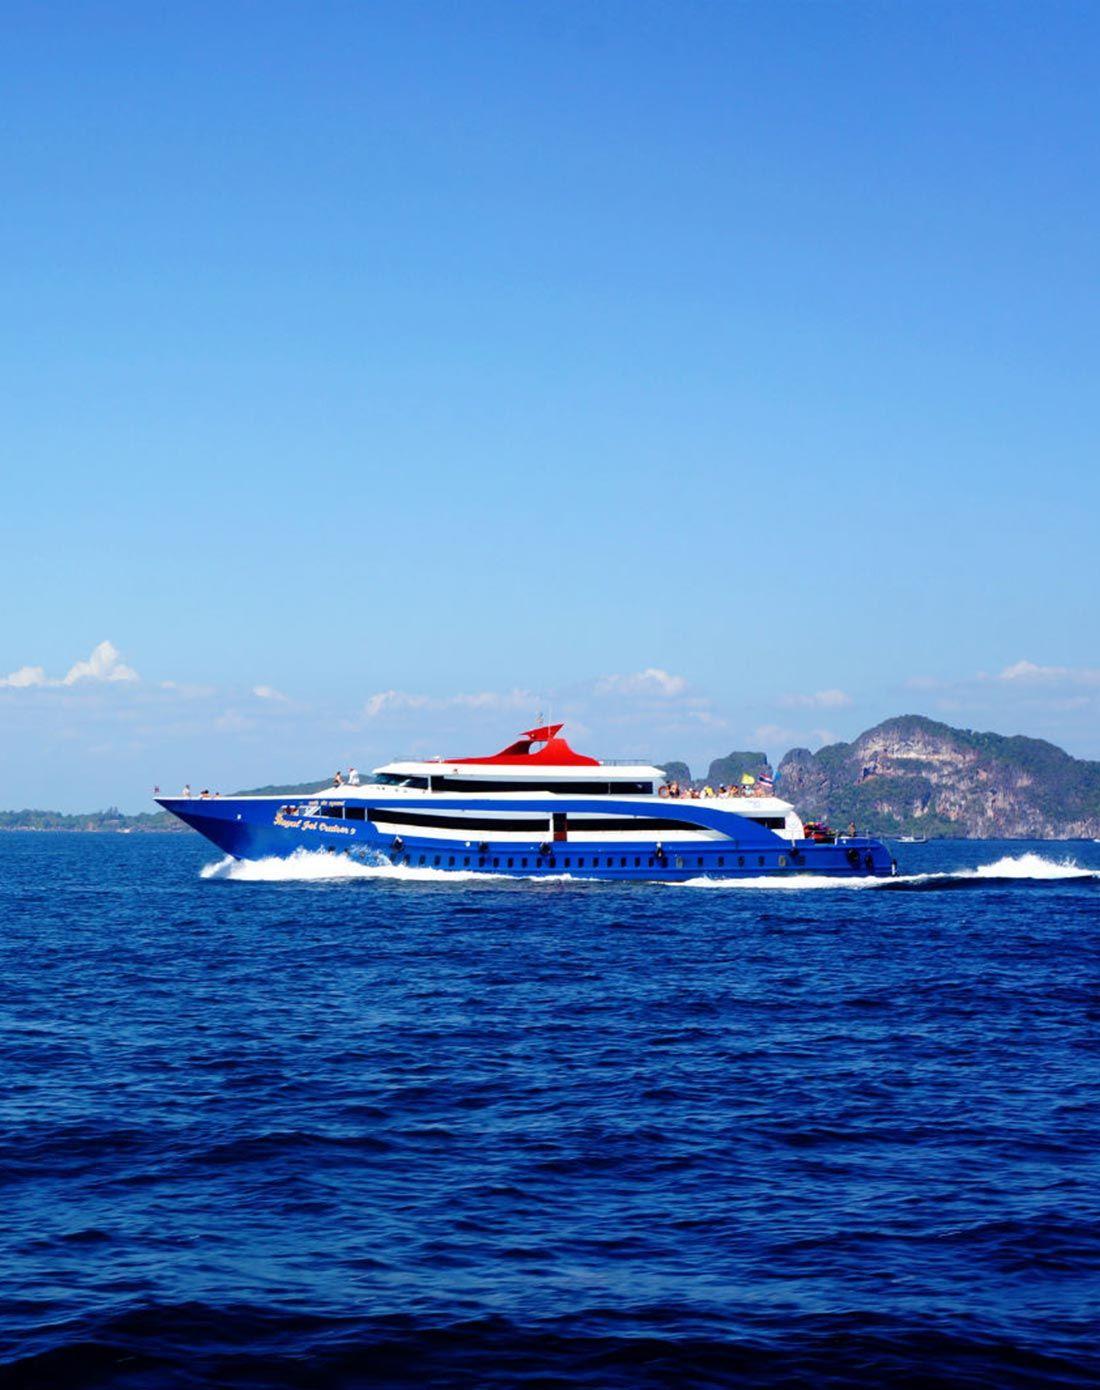 旅行专场10022803泰国pp岛-蛋岛一日游(含往返大船